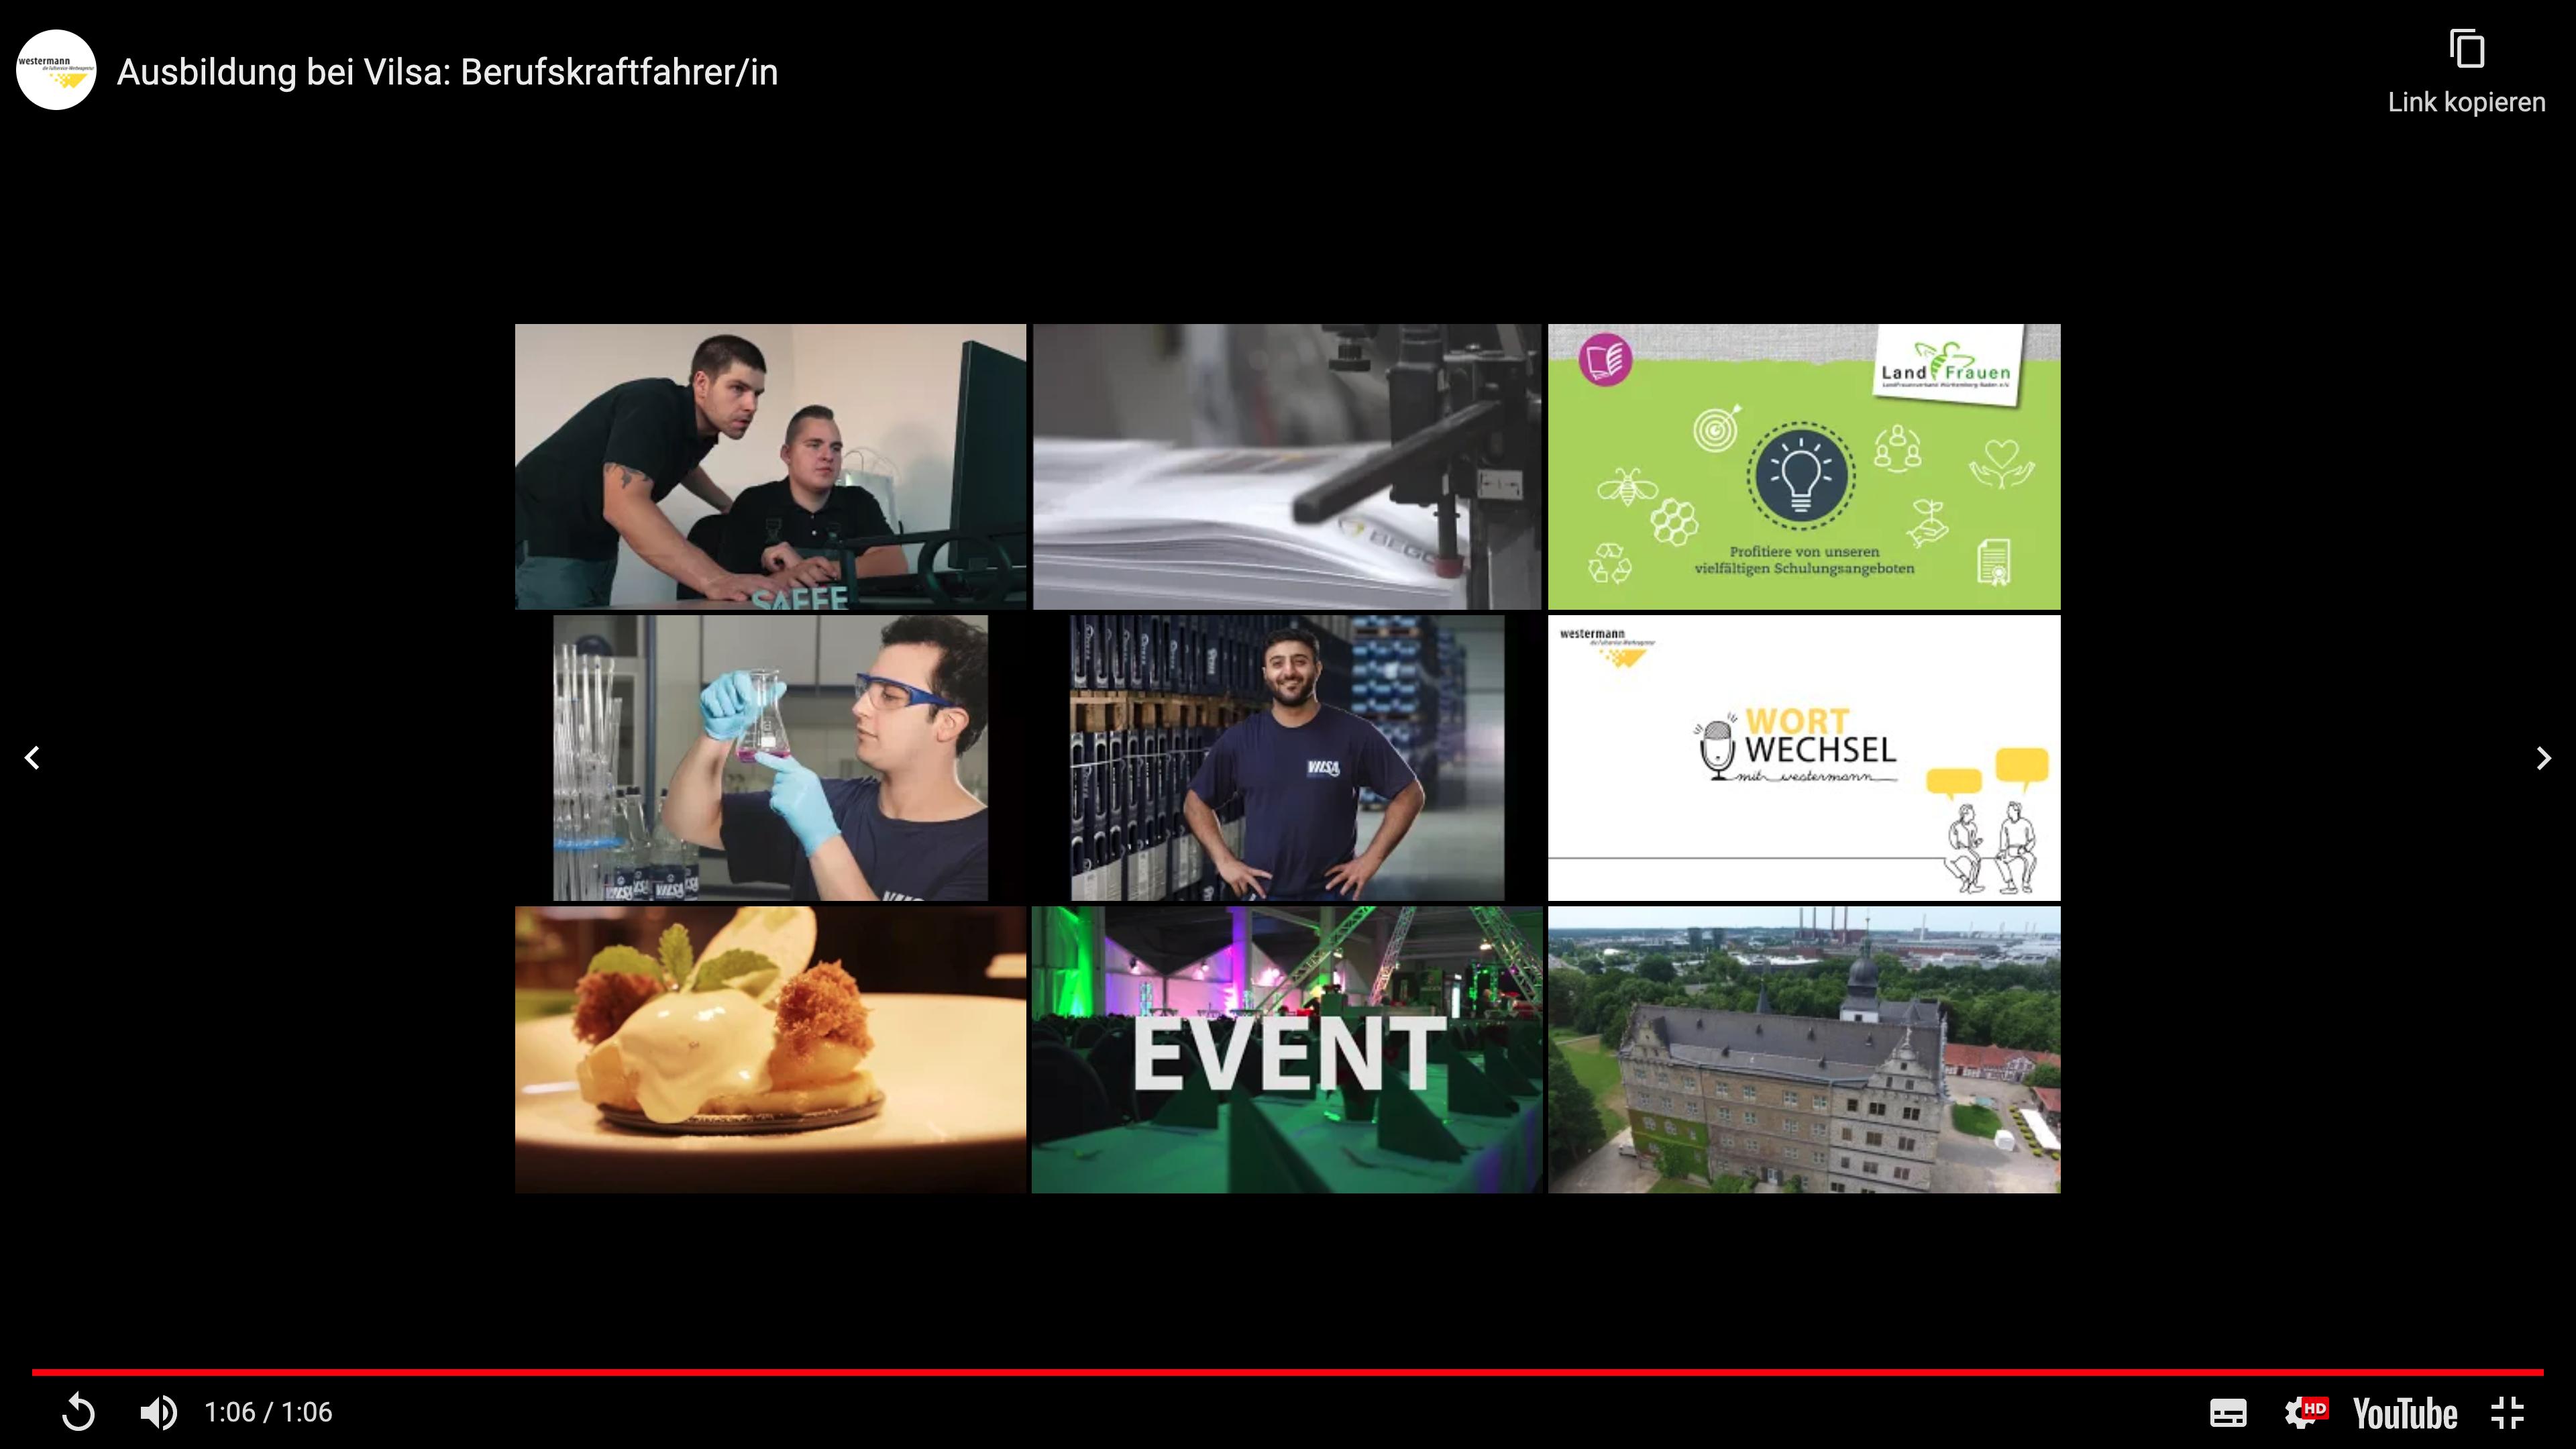 Bildschirmfoto 2021-06-16 um 10.48.13.png – Westermann GmbH